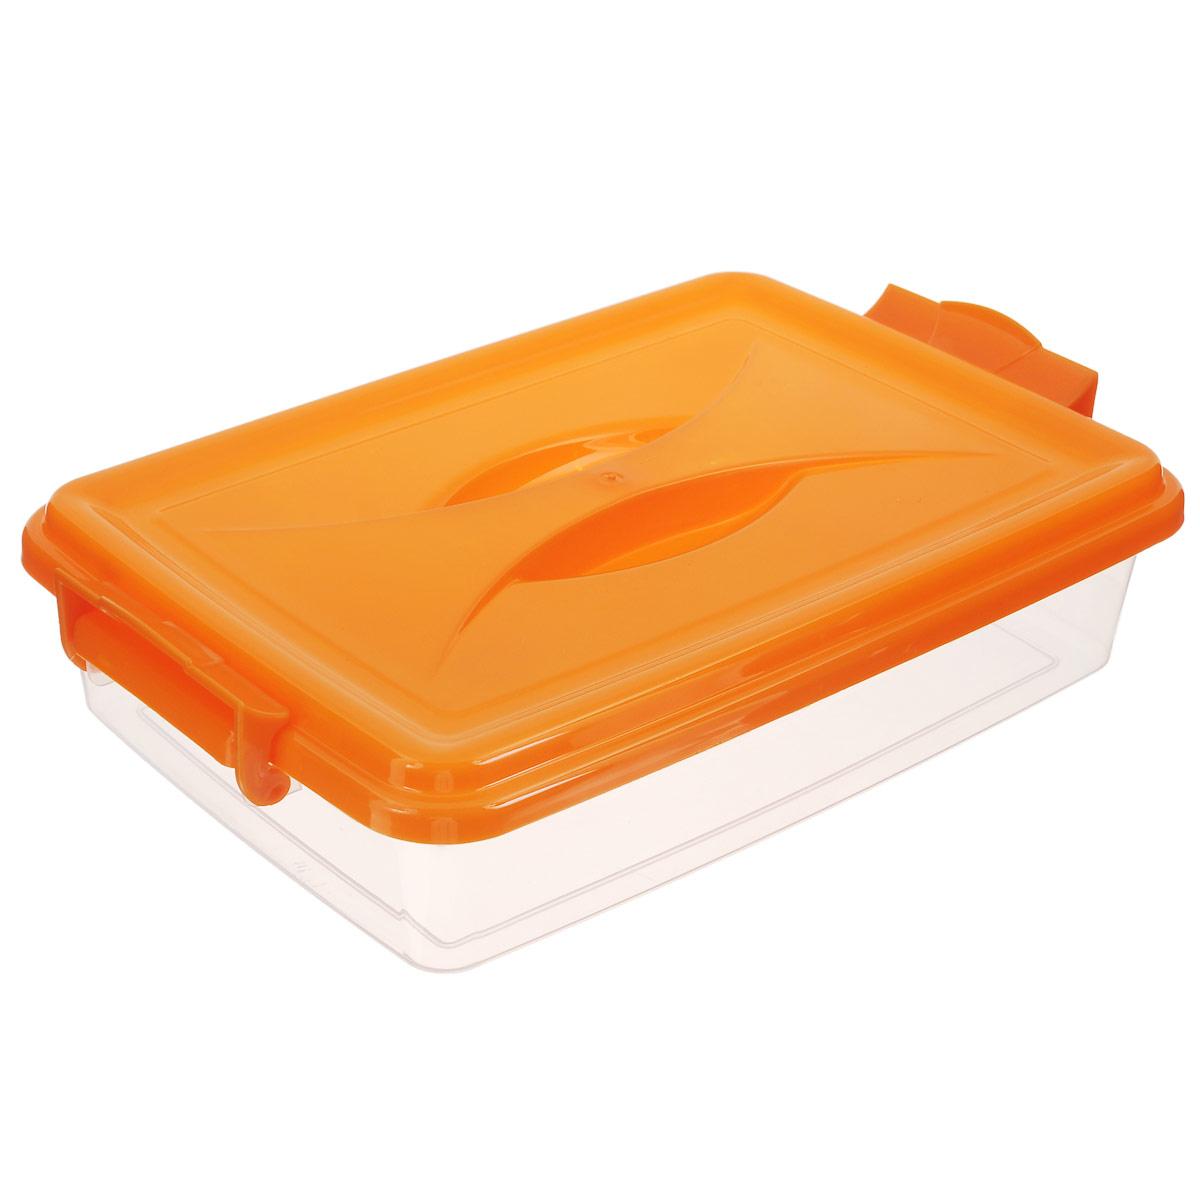 Контейнер Альтернатива, цвет: прозрачный, оранжевый, 4,5 лМ574Контейнер Альтернатива выполнен из прочного пластика. Он предназначен для хранения различных мелких вещей. Крышка легко открывается и плотно закрывается. Прозрачные стенки позволяют видеть содержимое. По бокам предусмотрены две удобные ручки, с помощью которых контейнер закрывается. Контейнер поможет хранить все в одном месте, а также защитить вещи от пыли, грязи и влаги.